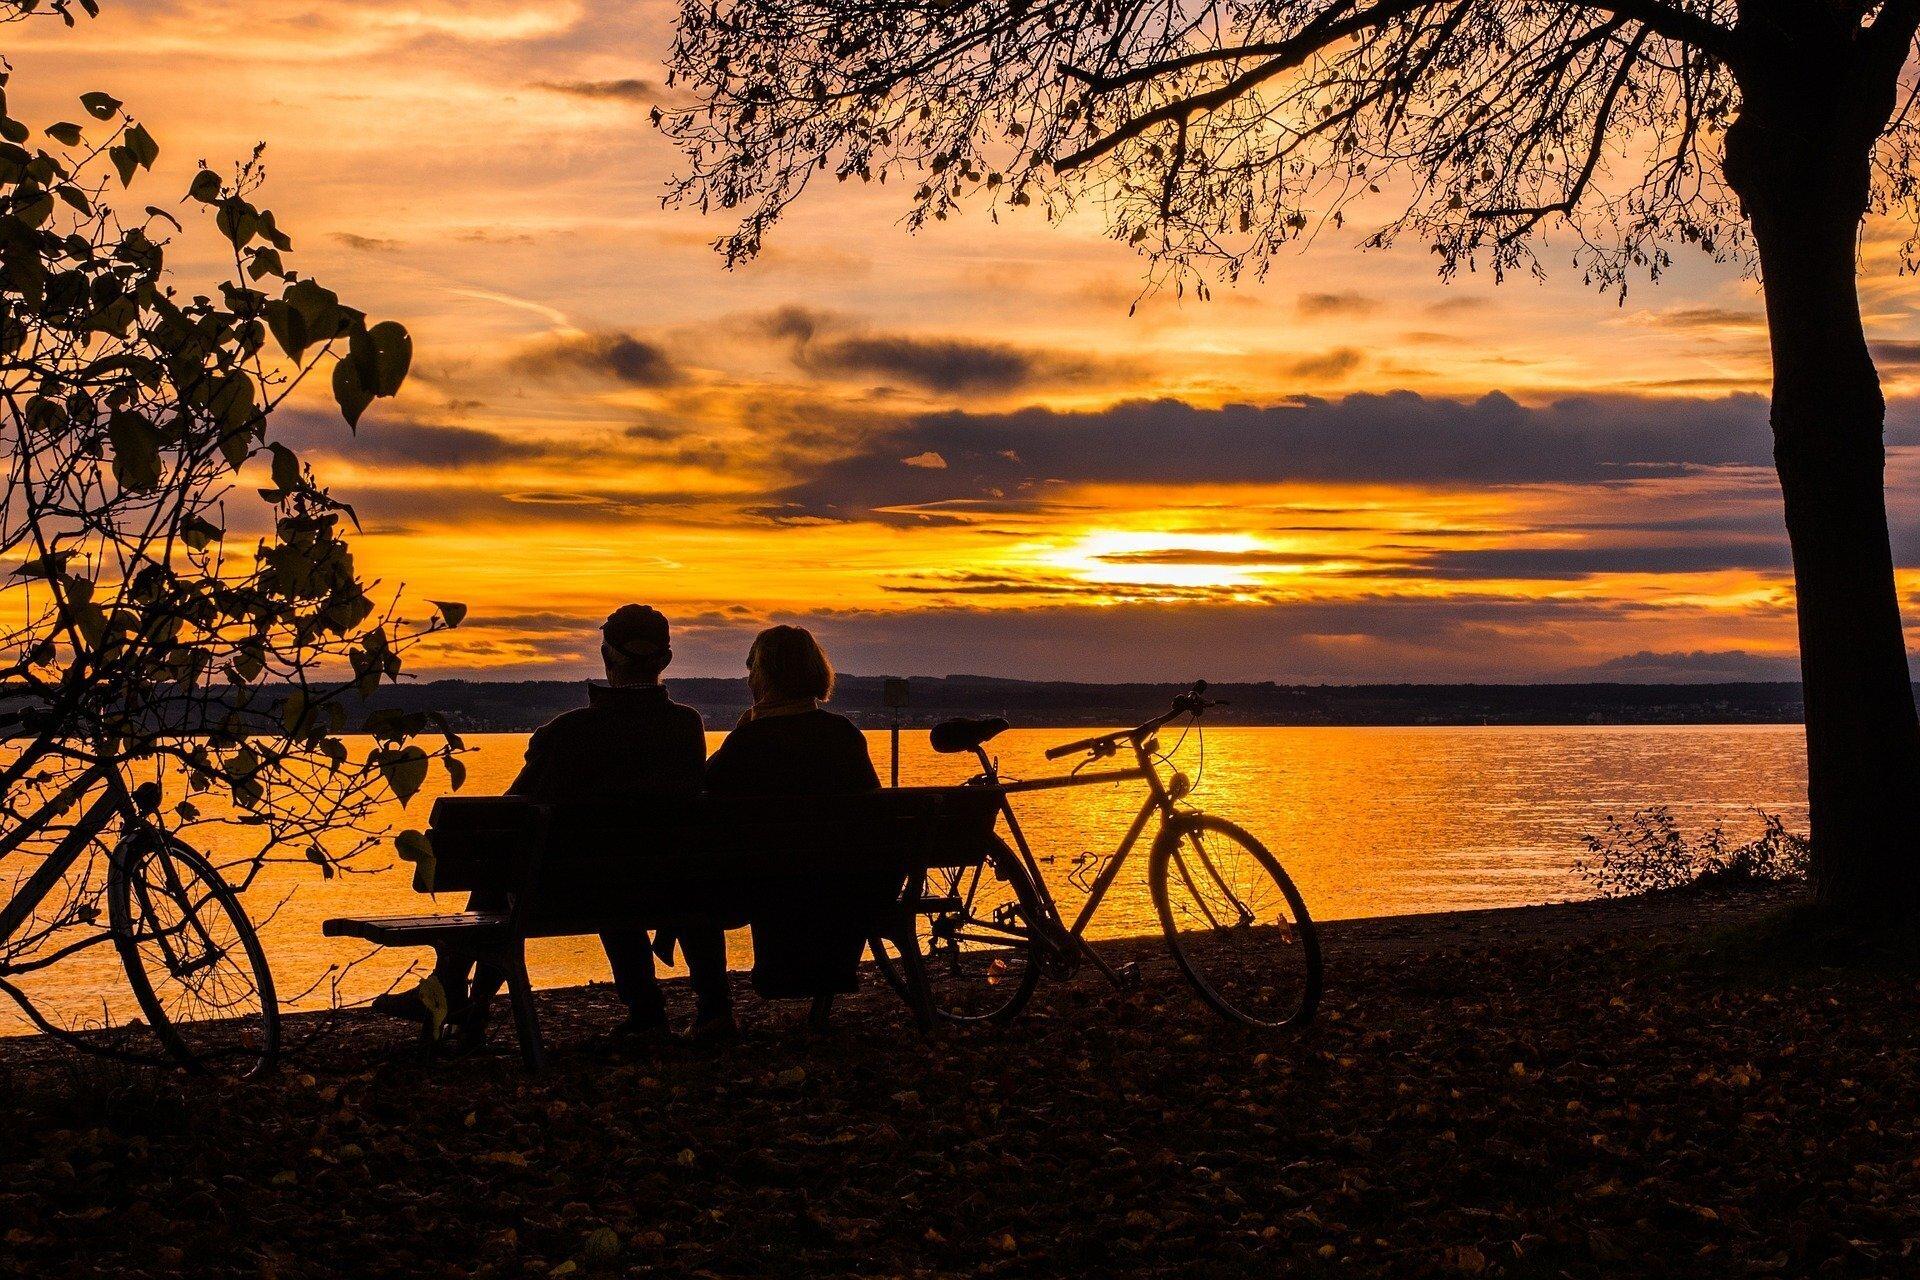 Radtour mit Sonnenuntergang am See